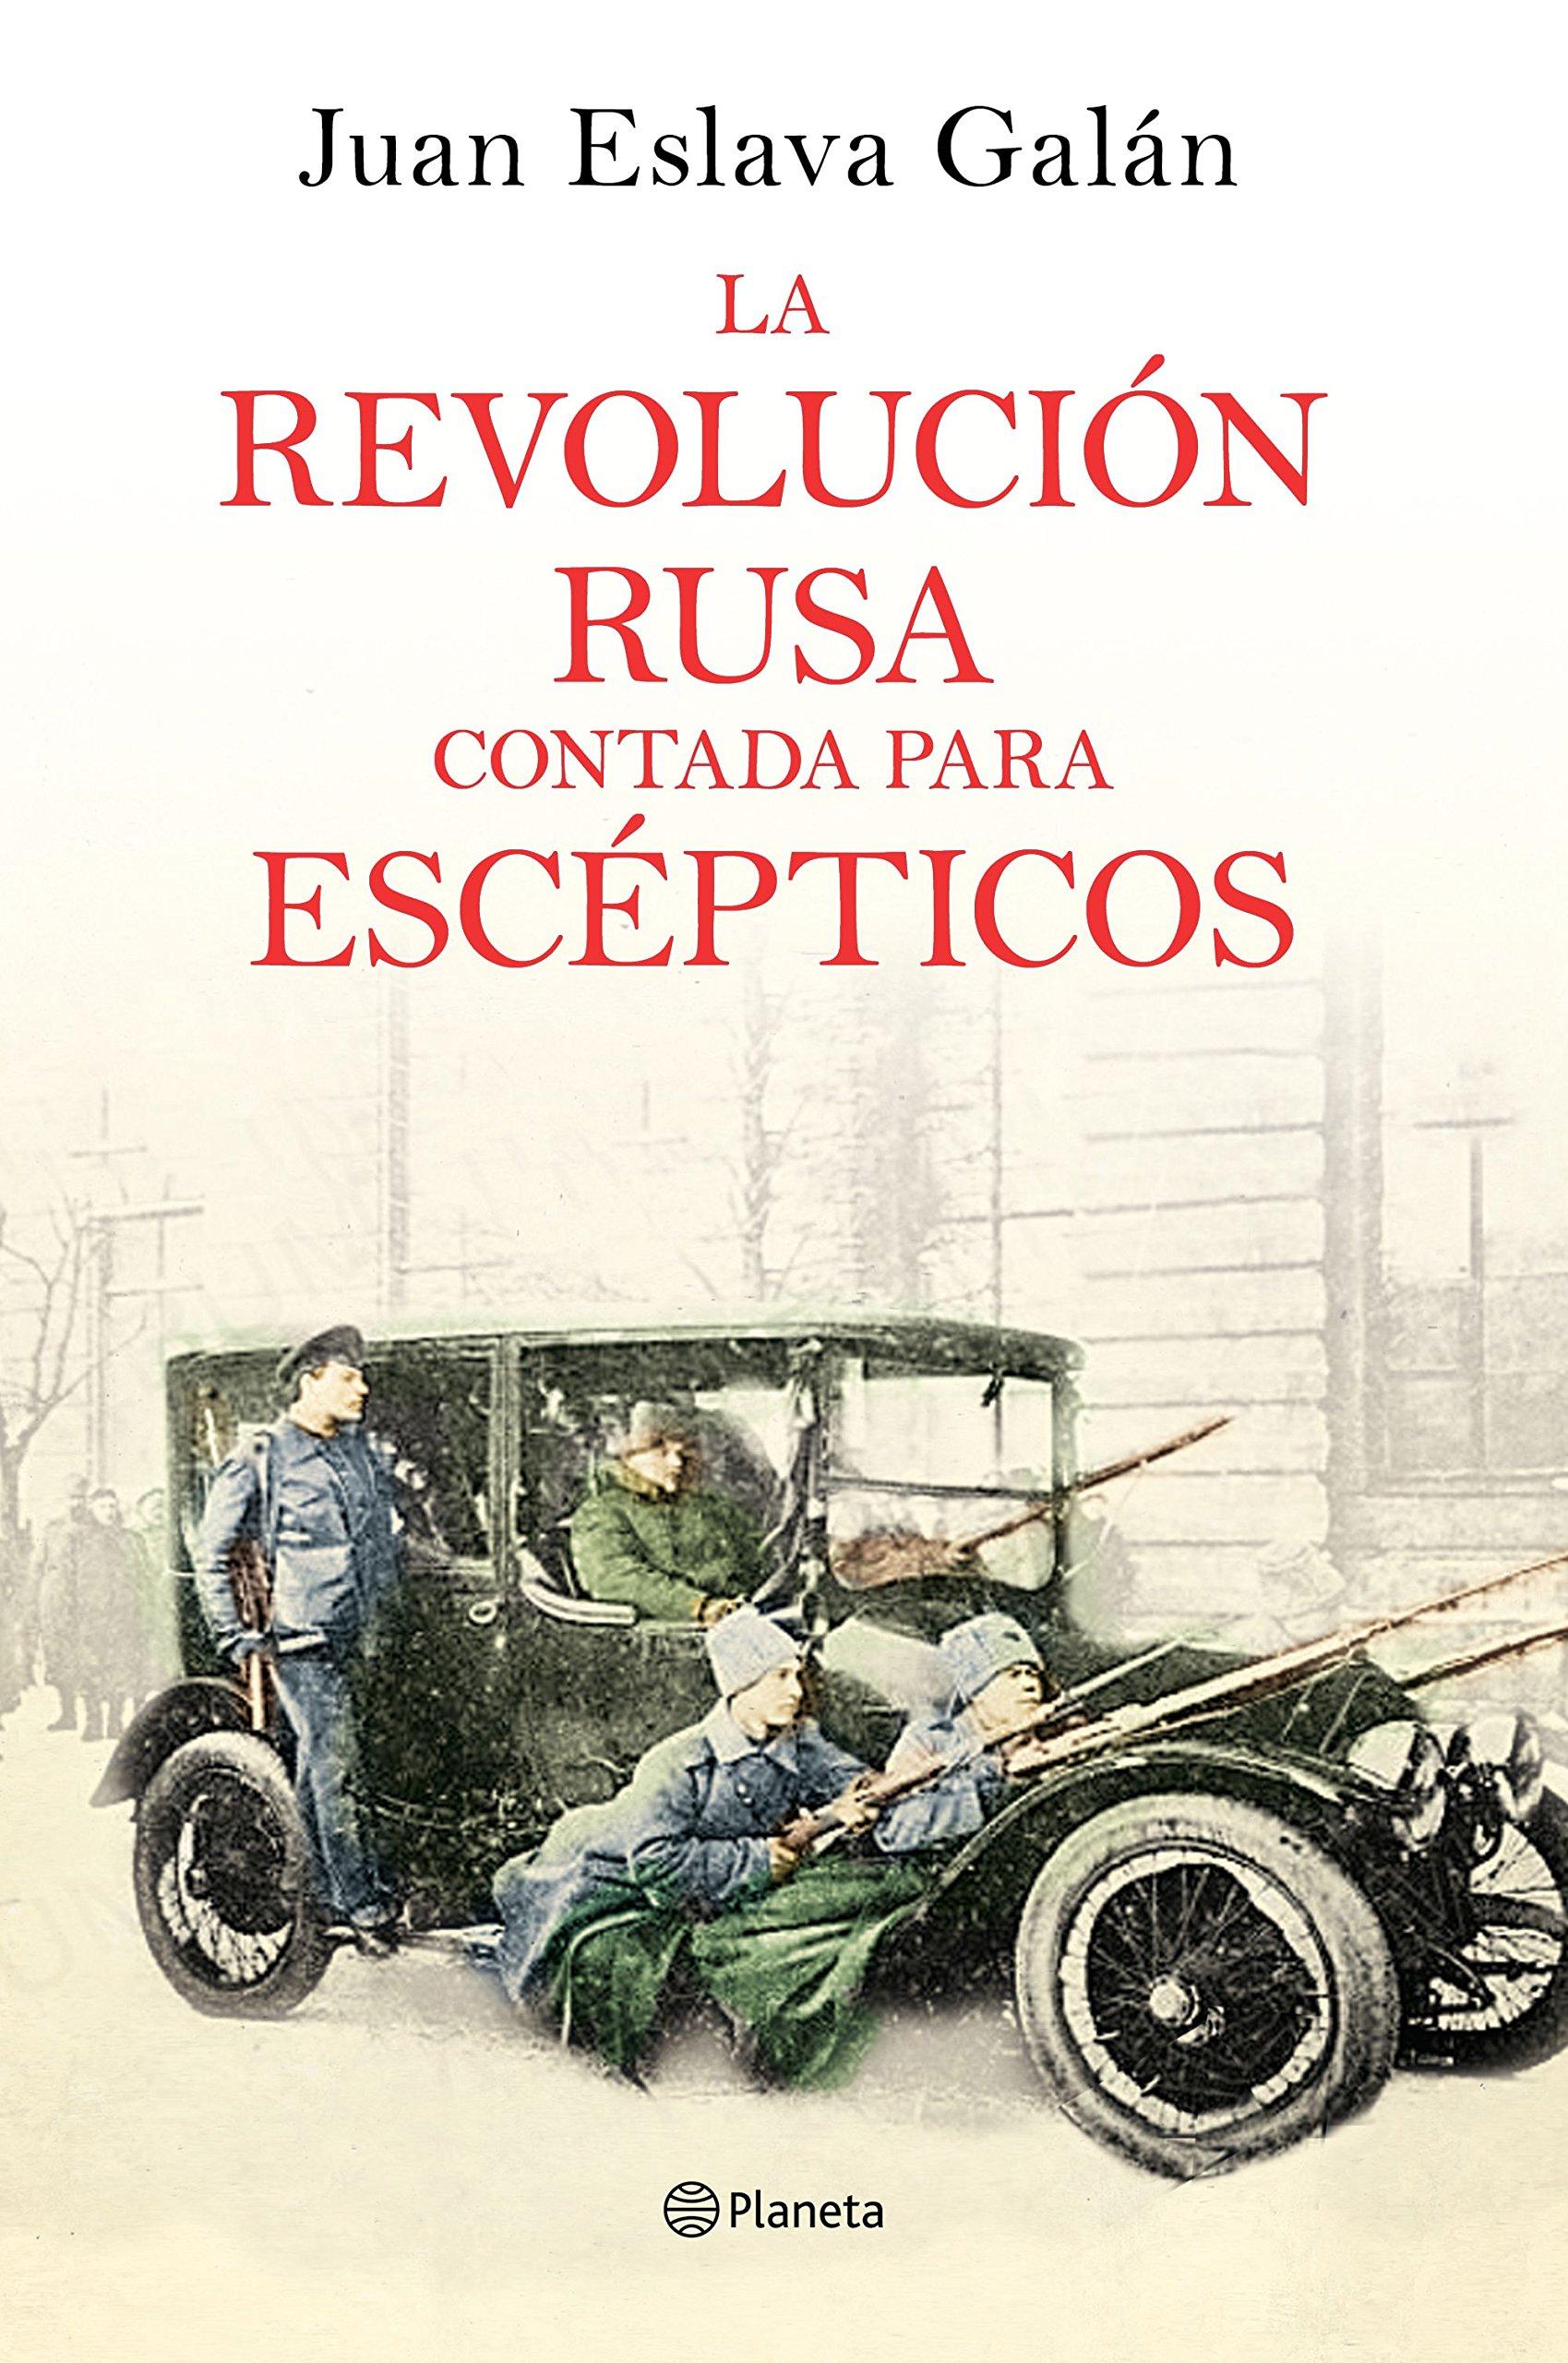 La Revolución rusa contada para escépticos No Ficción: Amazon.es: Eslava Galán, Juan: Libros